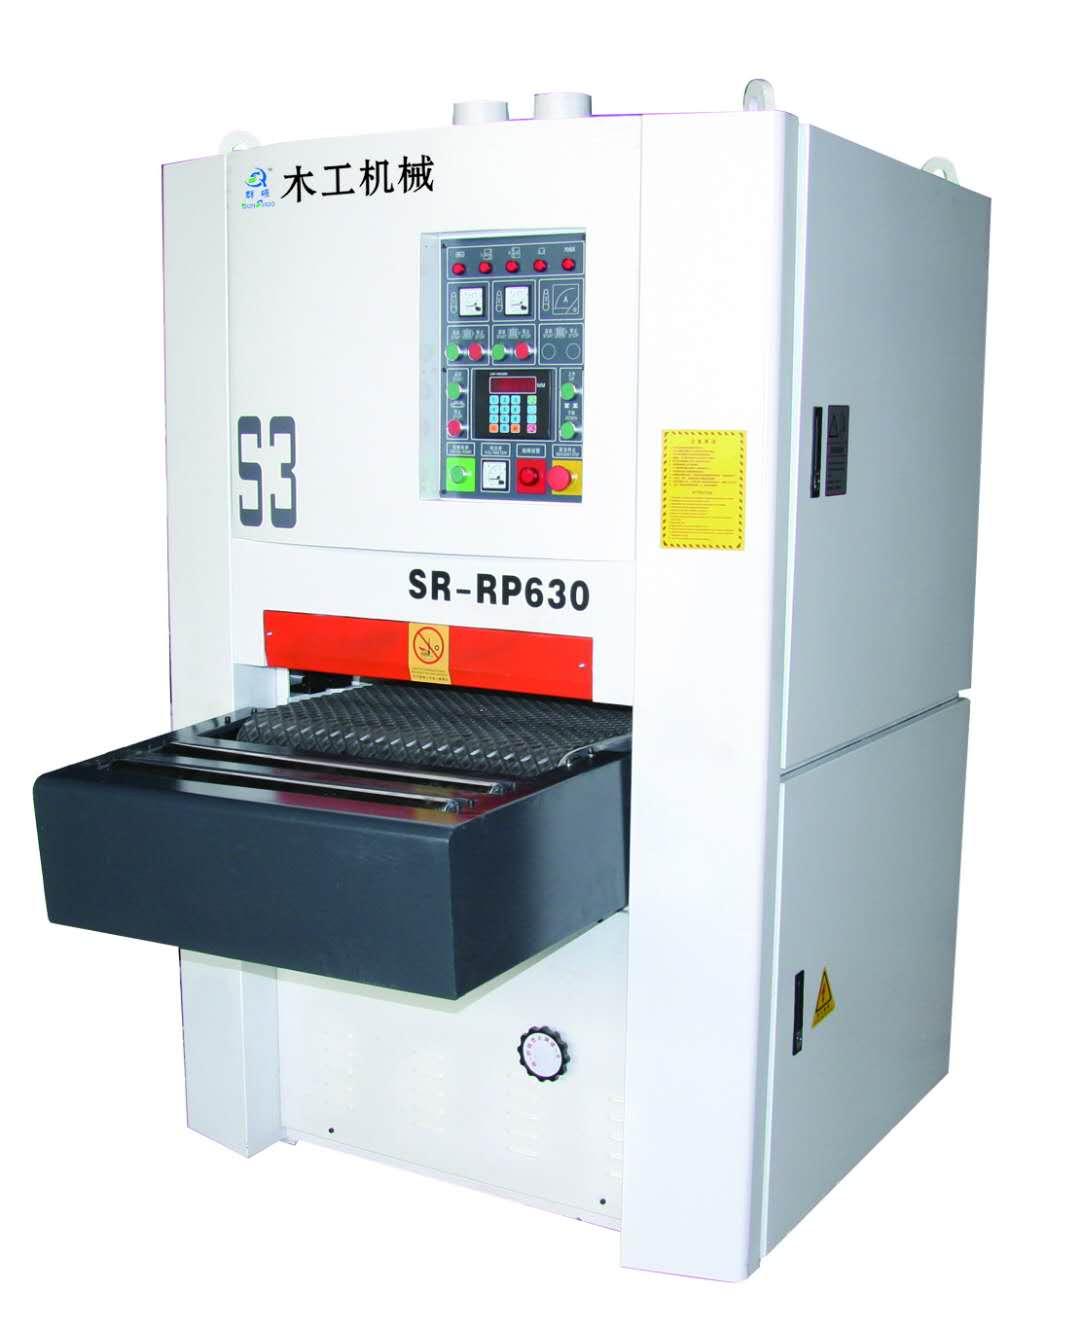 邯郸定尺砂光机生产厂家—群硕木工机械,产品质量可靠